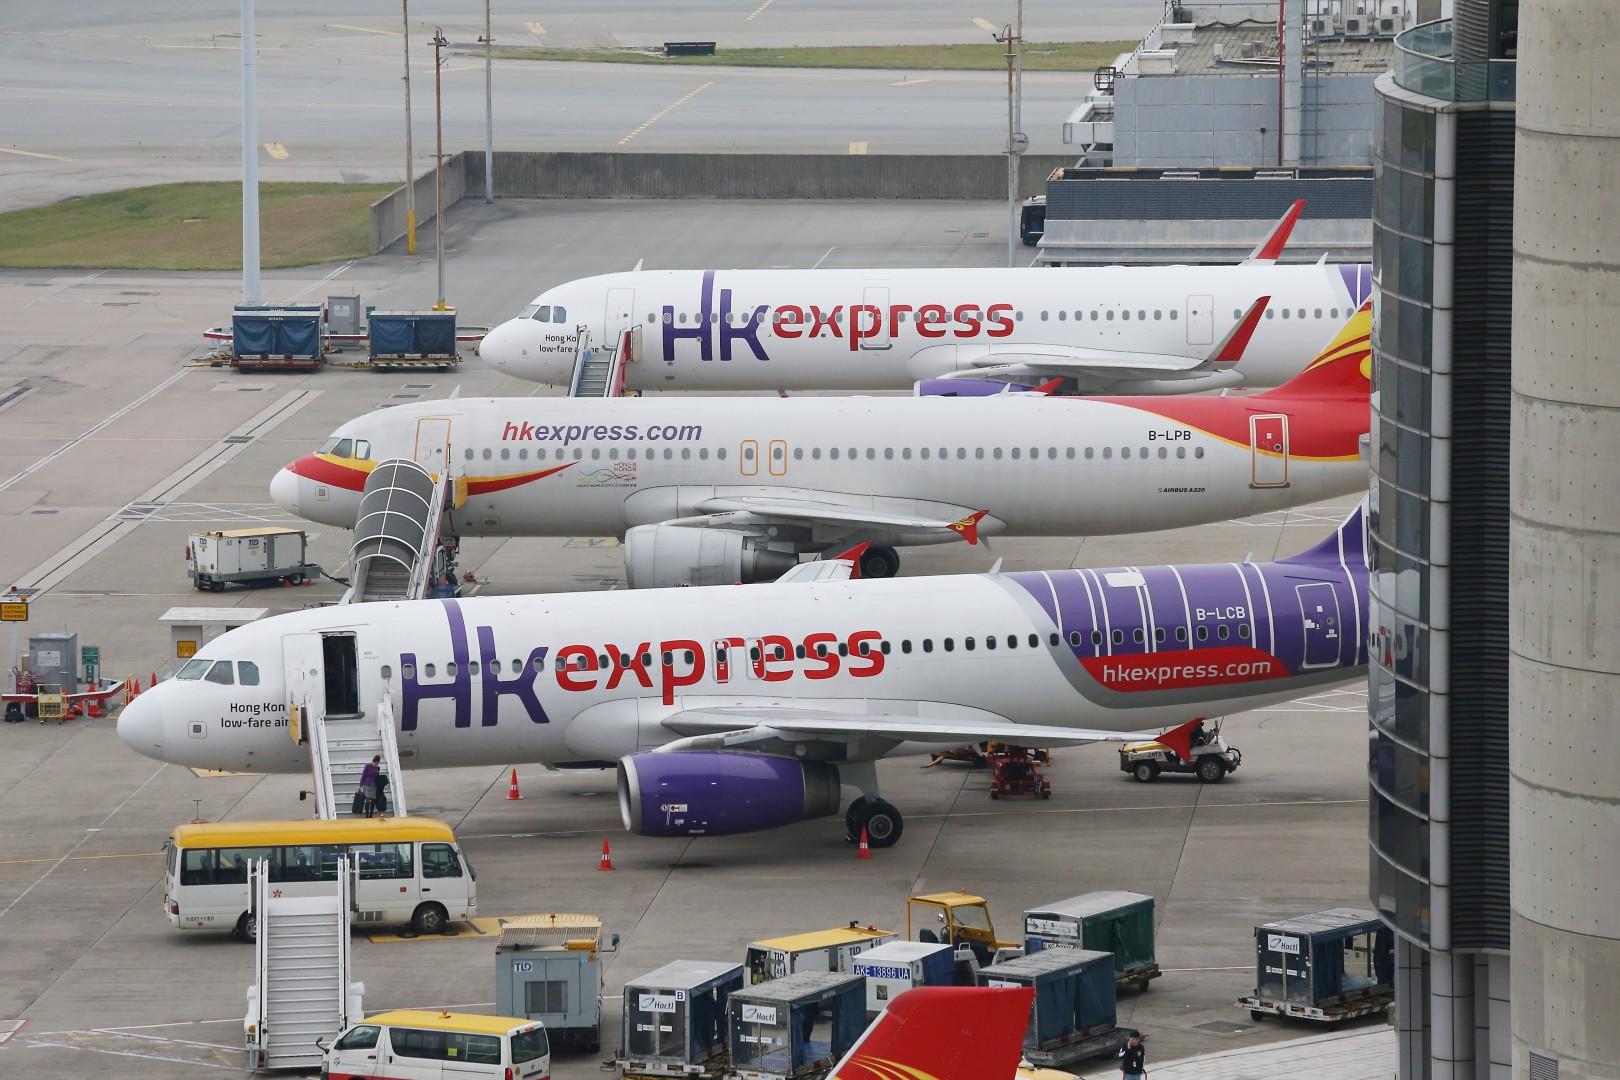 Hong Kong Express banned from adding new aircraft, flights or ...